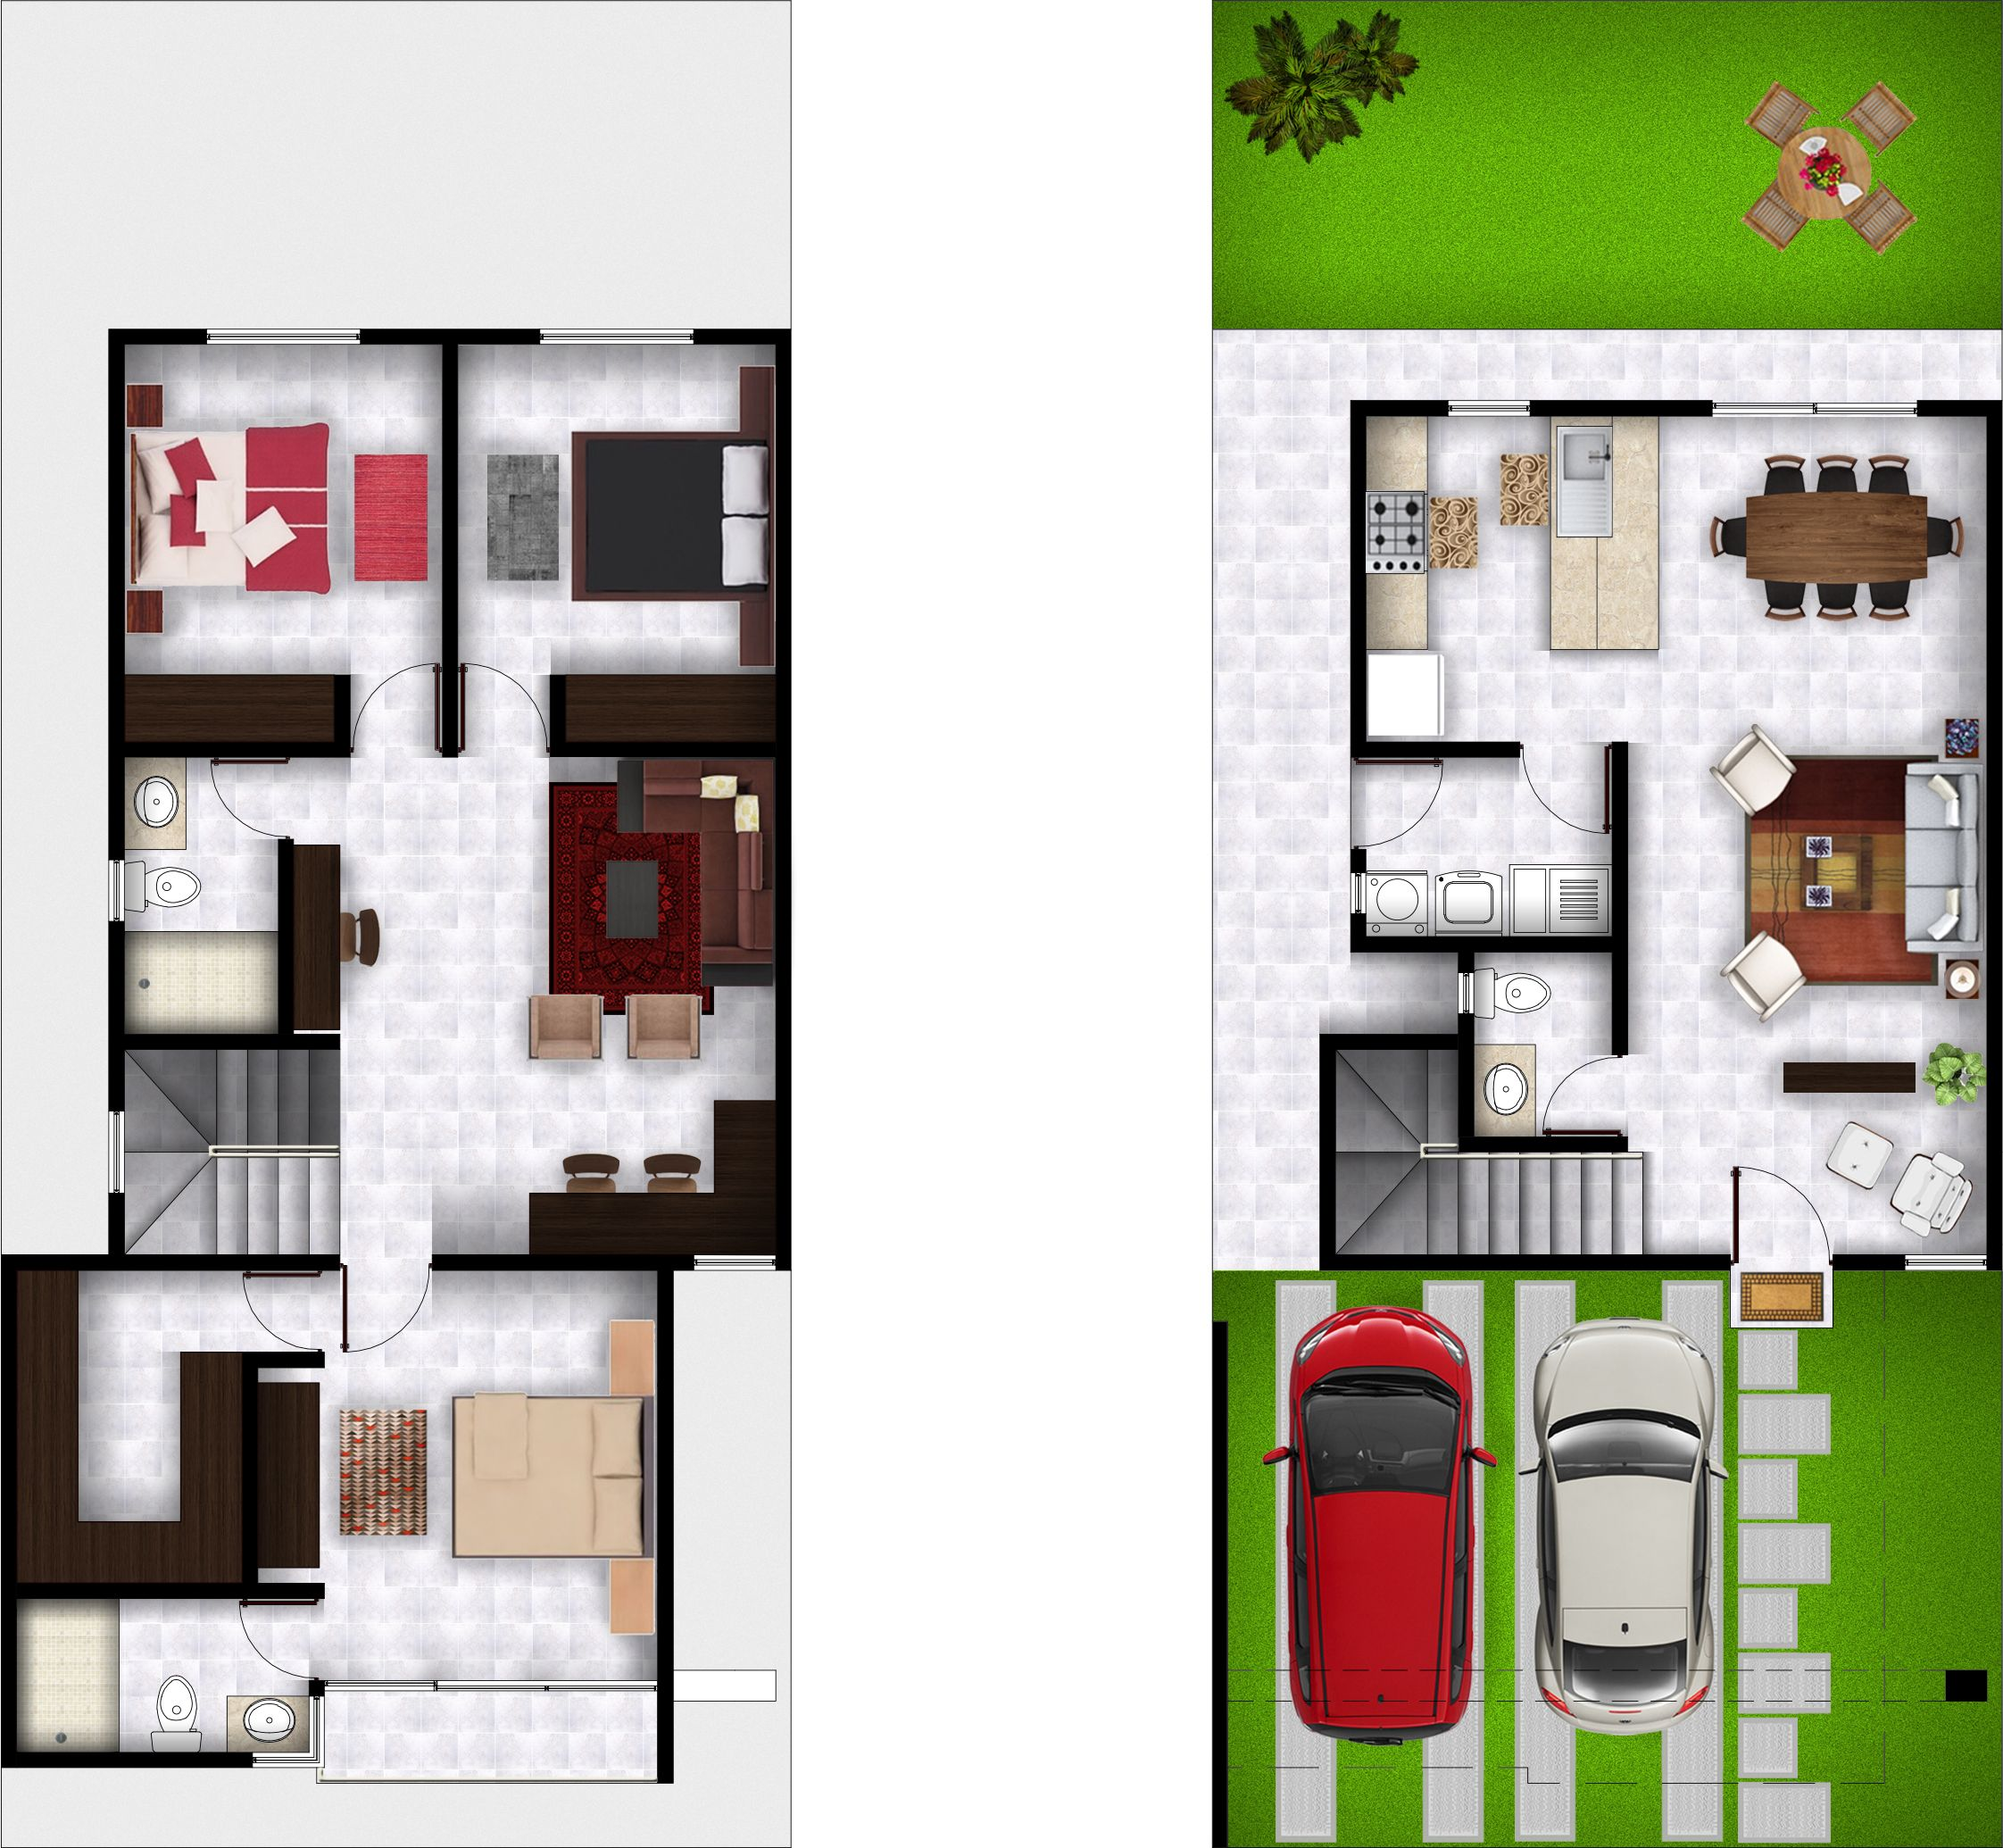 Casas Villa Montana Casas Planos De Casas 3d Casas De Dos Pisos